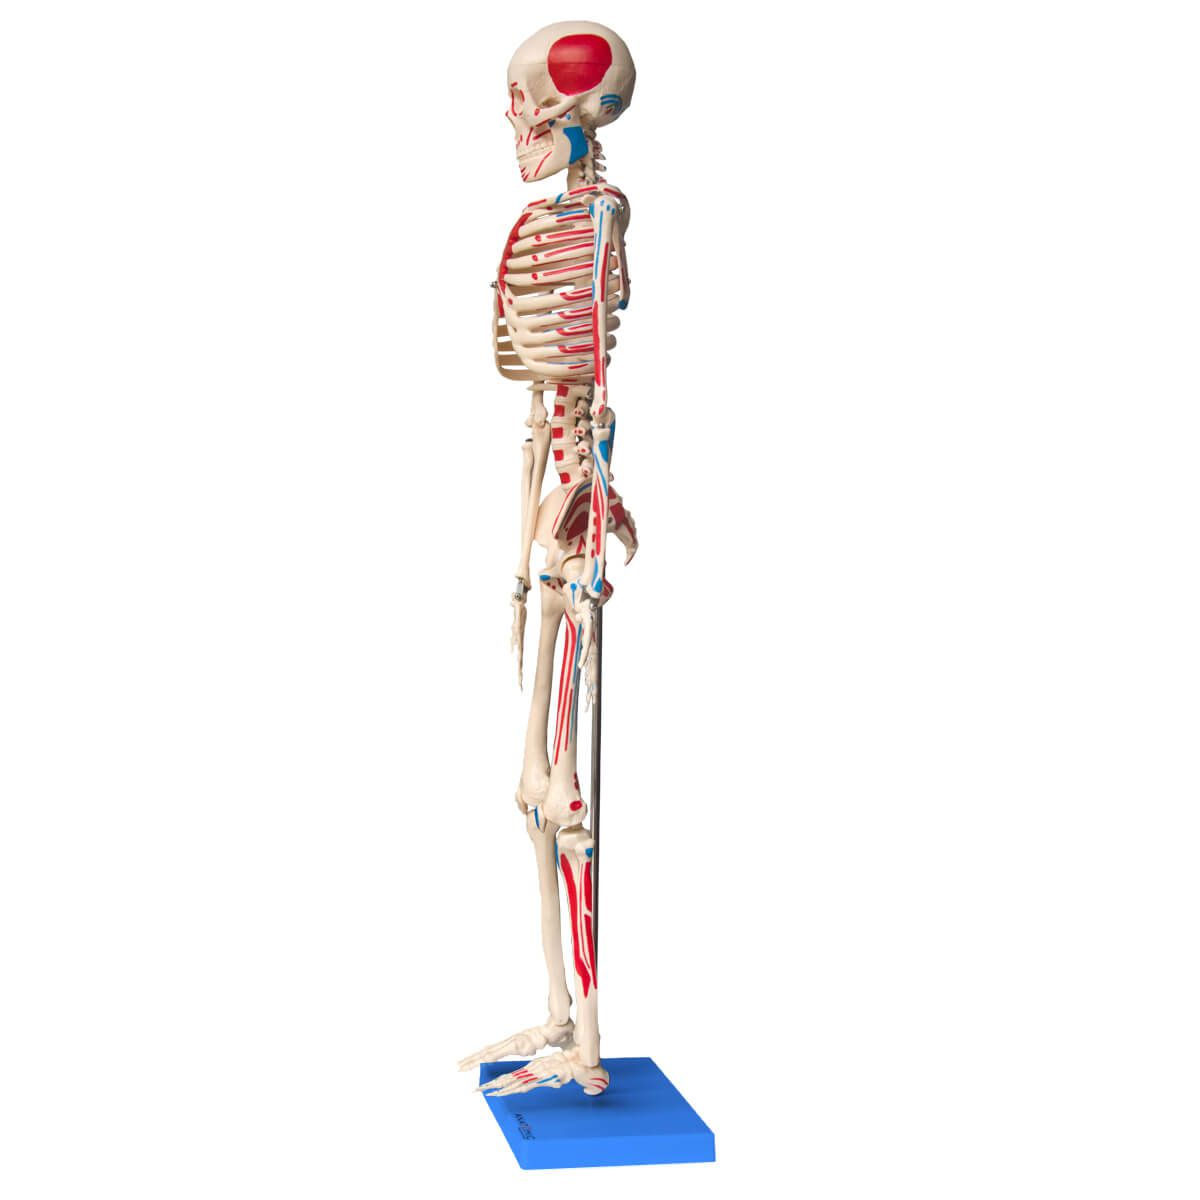 Esqueleto de 85 Cm, Articulado, com Inserções Musculares, com Base